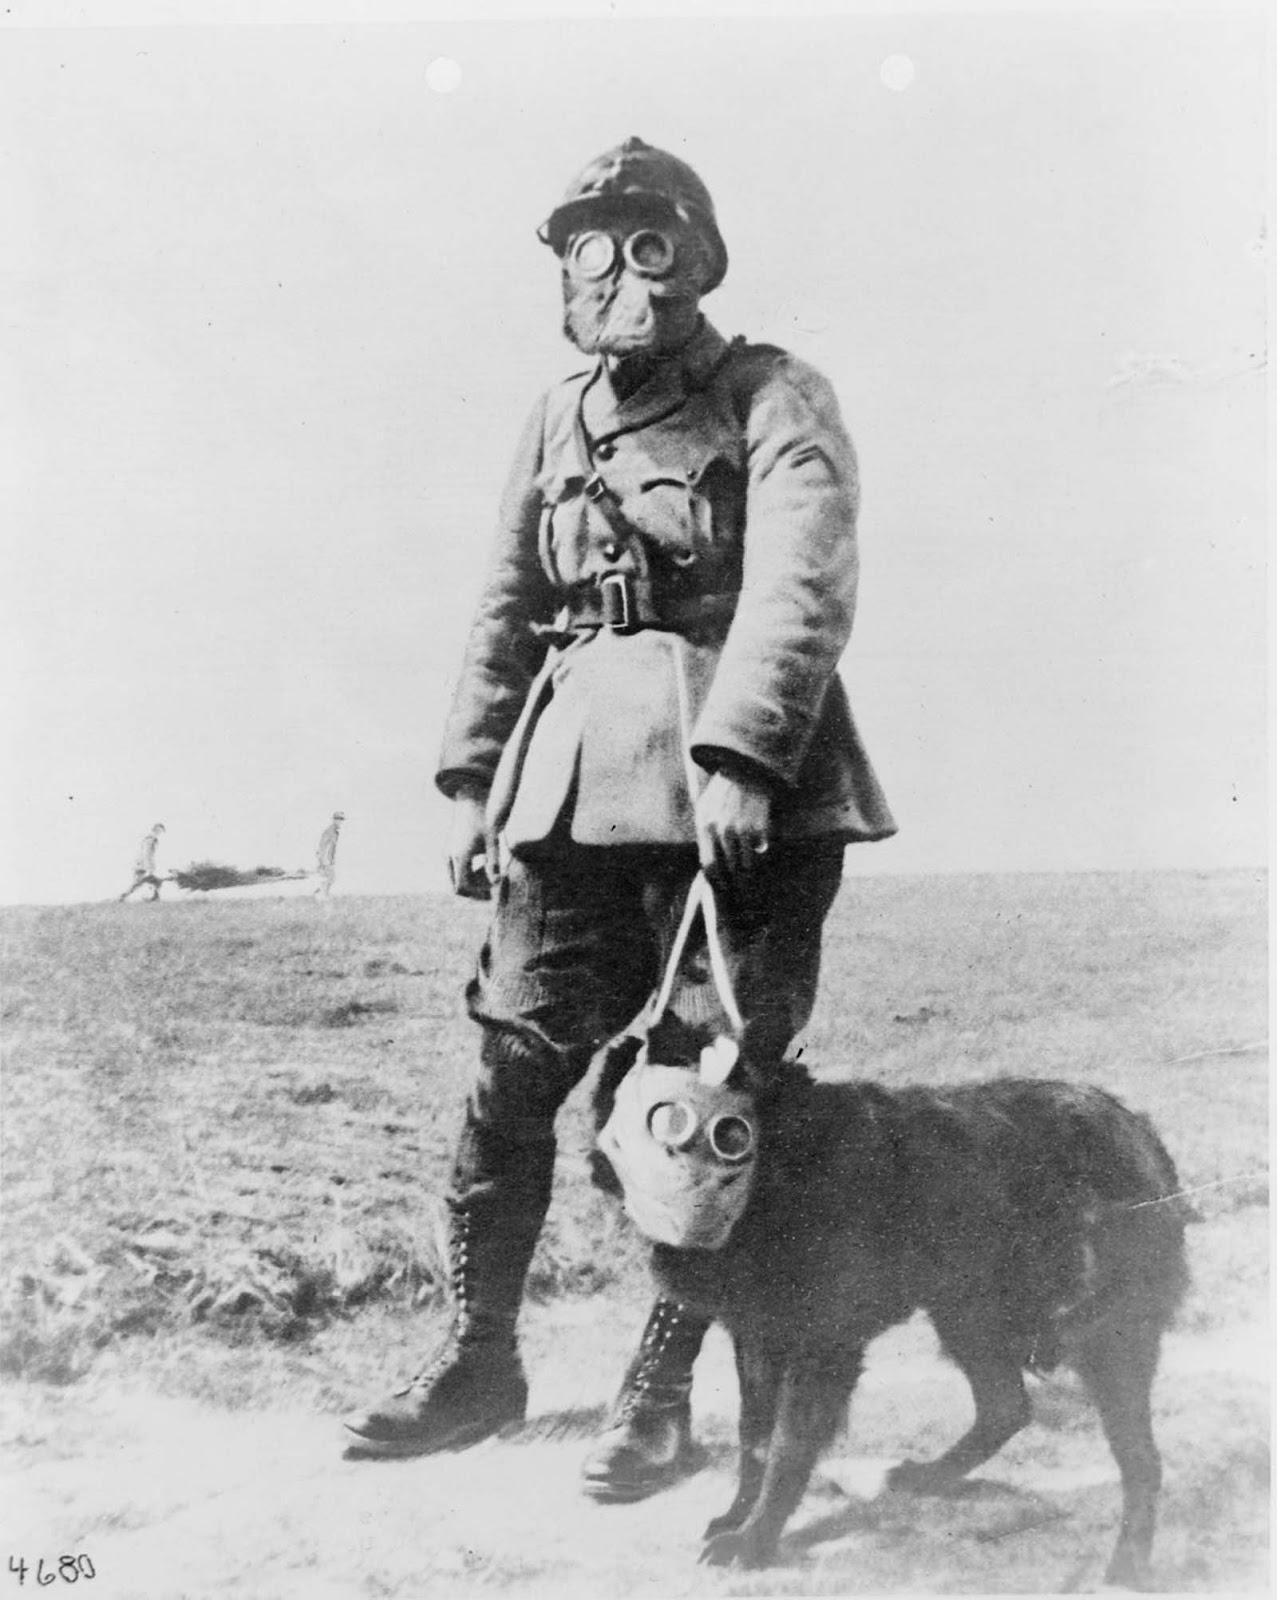 Francouzský seržant a pes v plynových maskách, poblíž první linie během první světové války 1915.